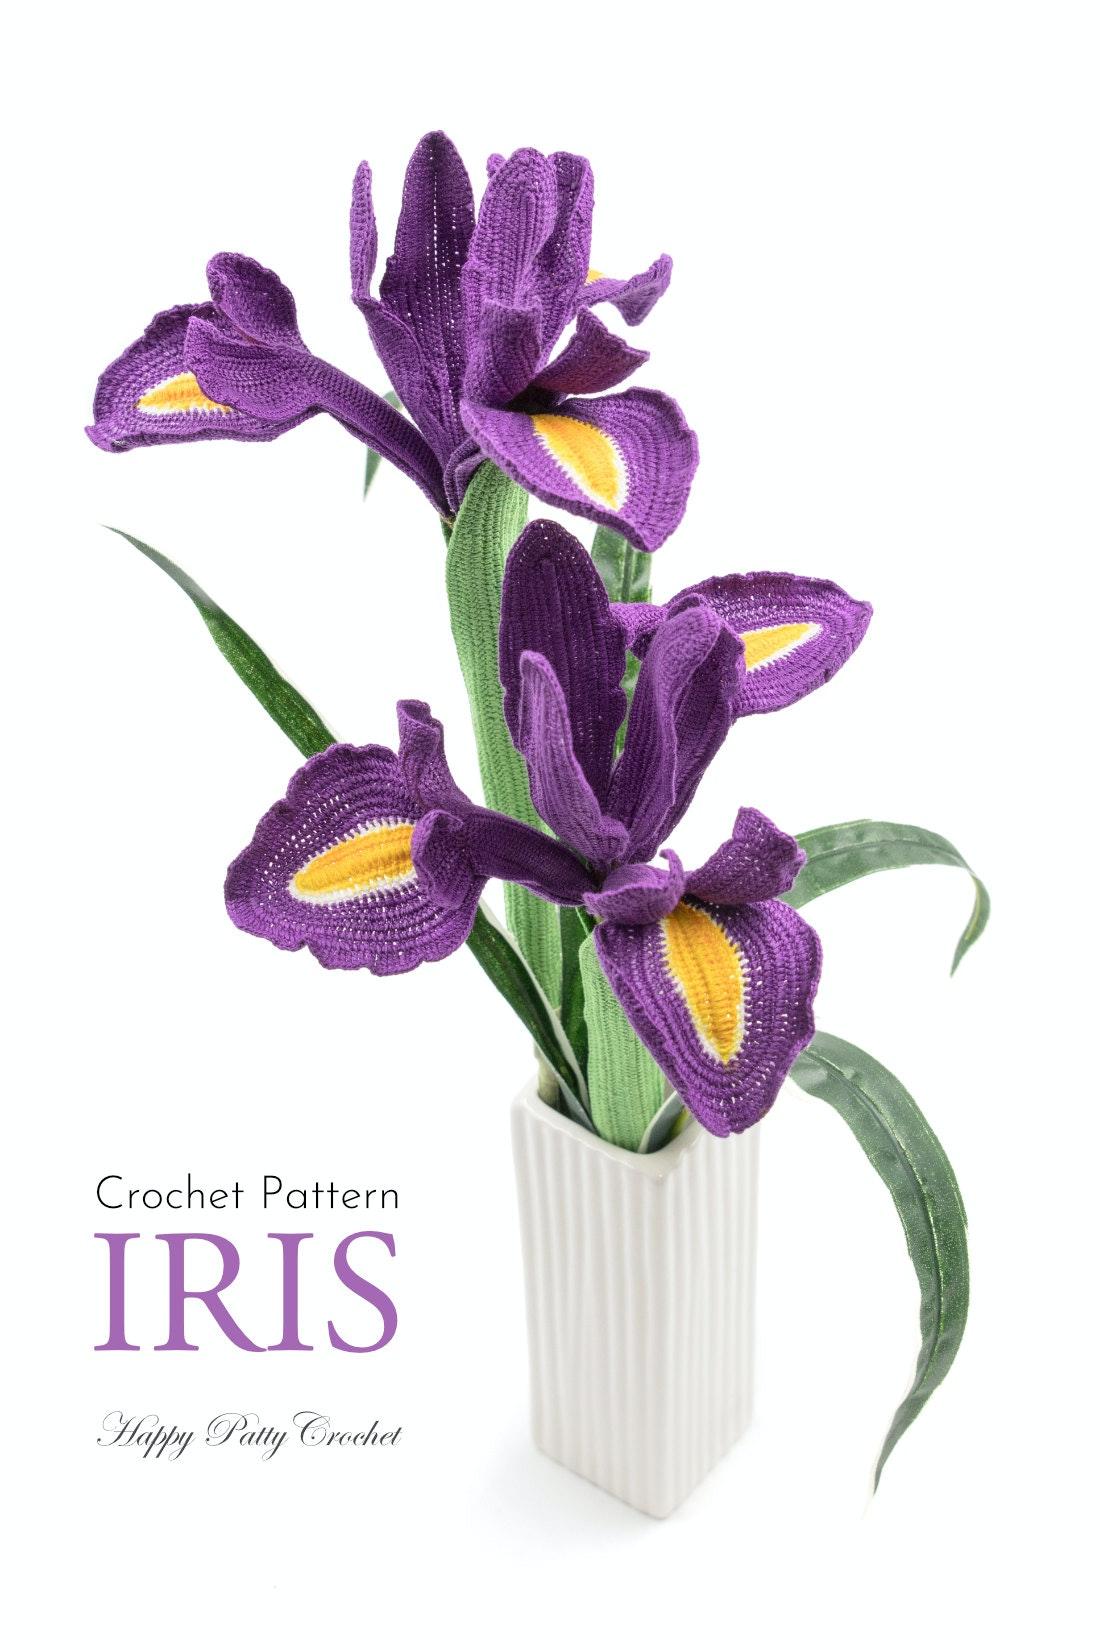 iris � happy patty crochet  irish crochet flower tutorial